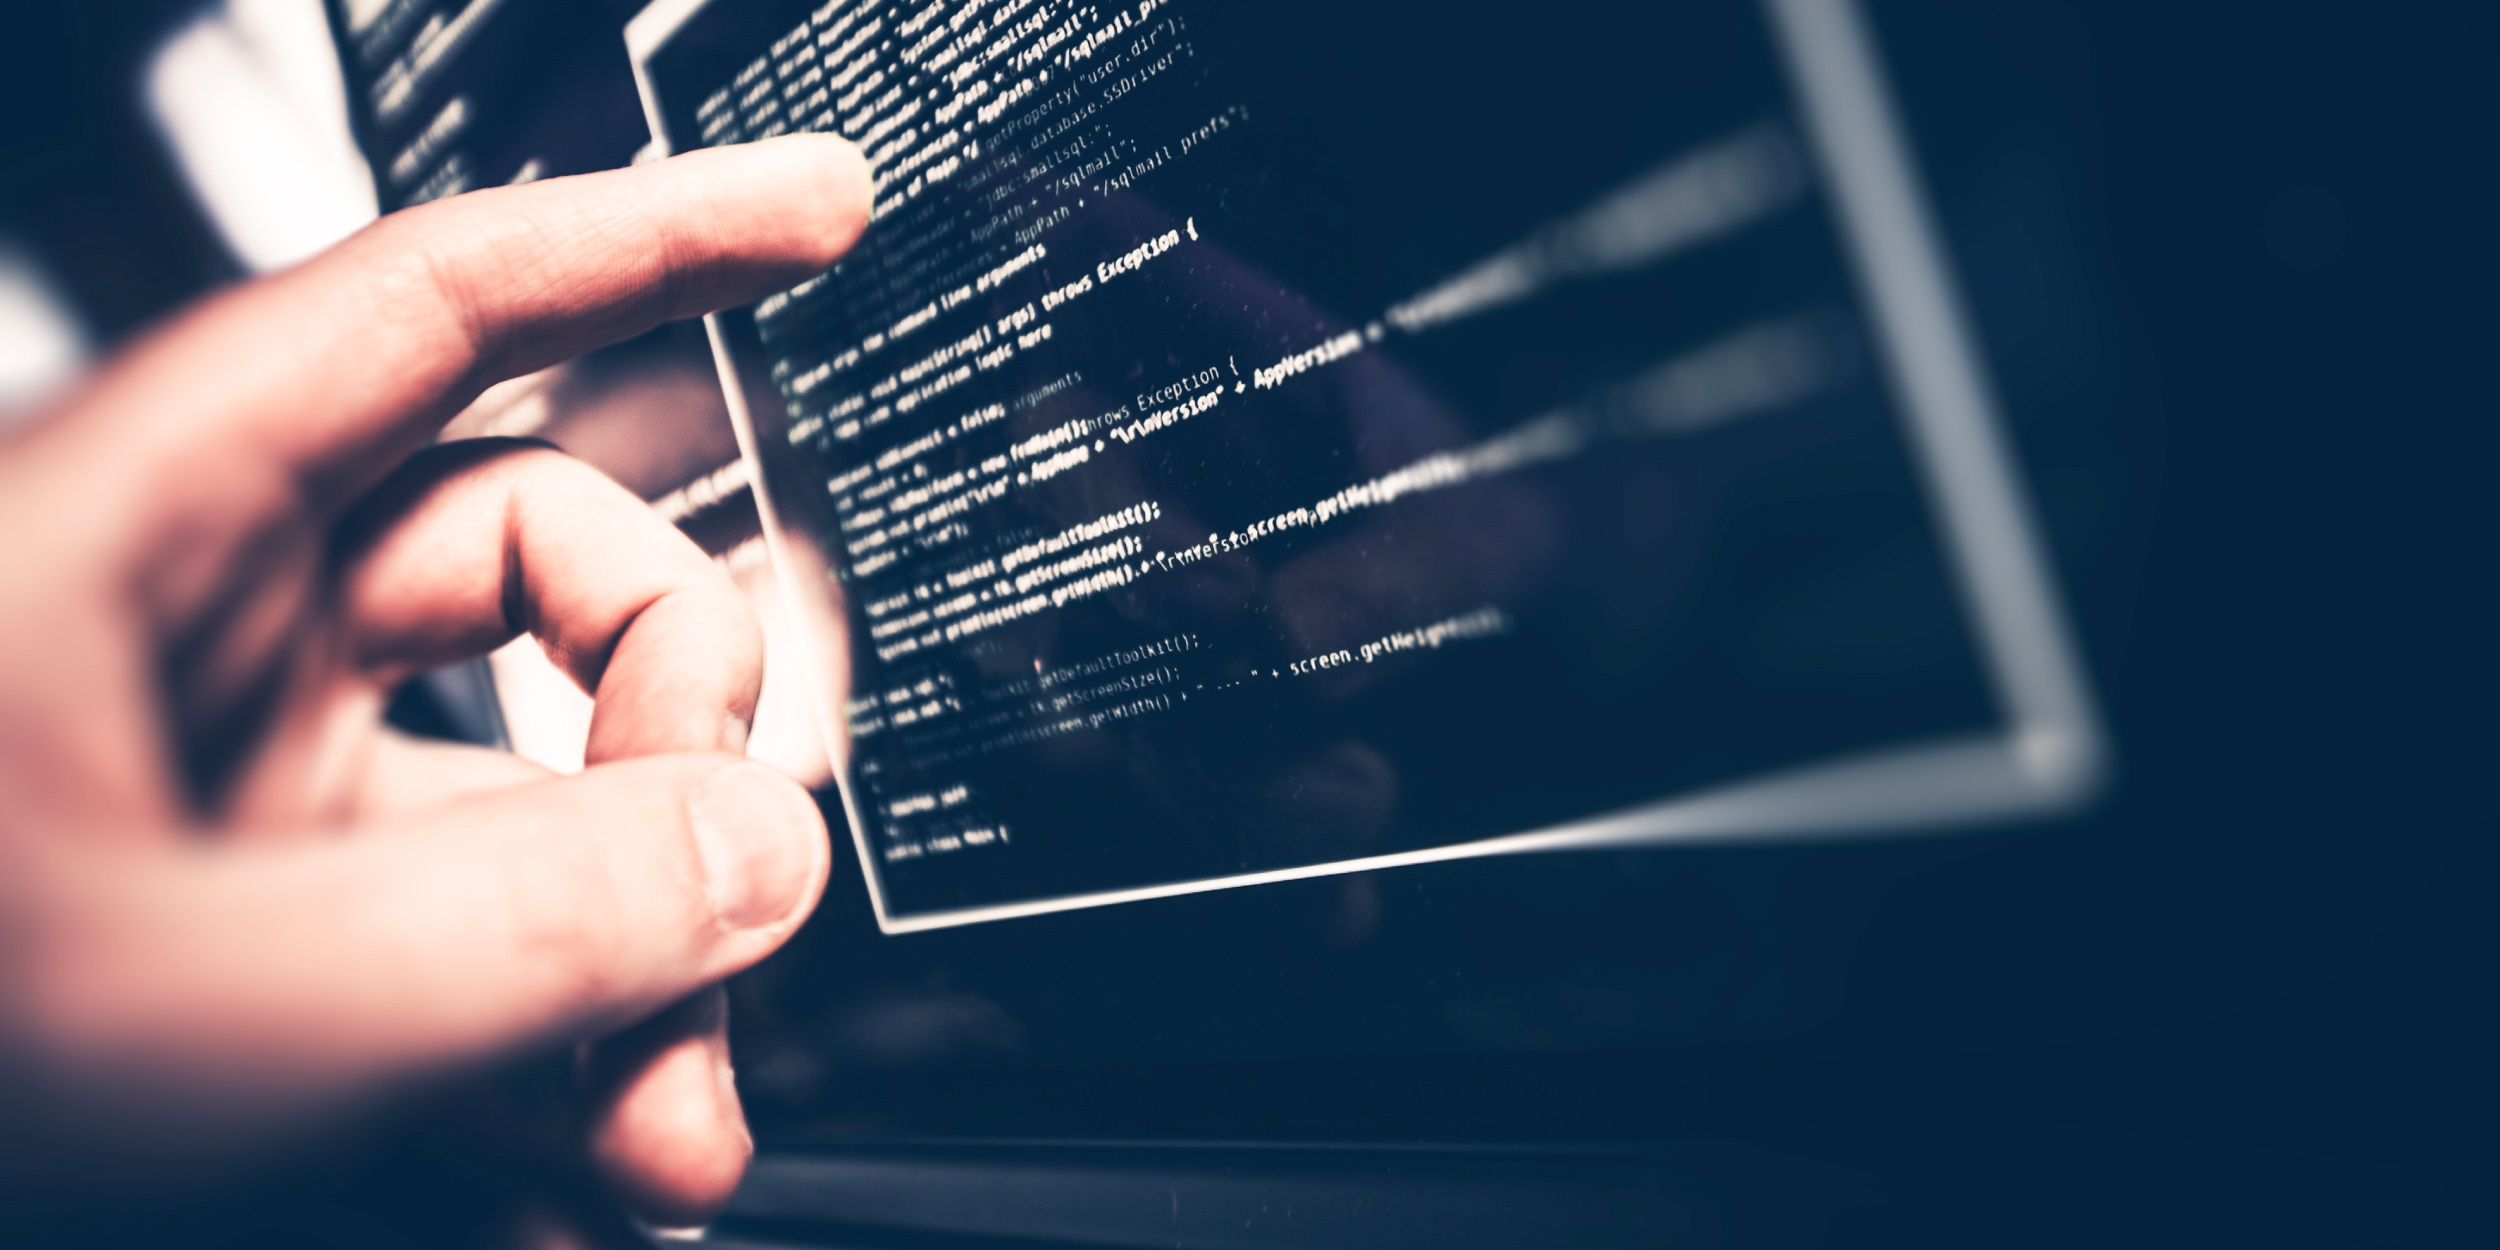 Чтобы хорошо программировать, не нужно ни таланта, ни страсти